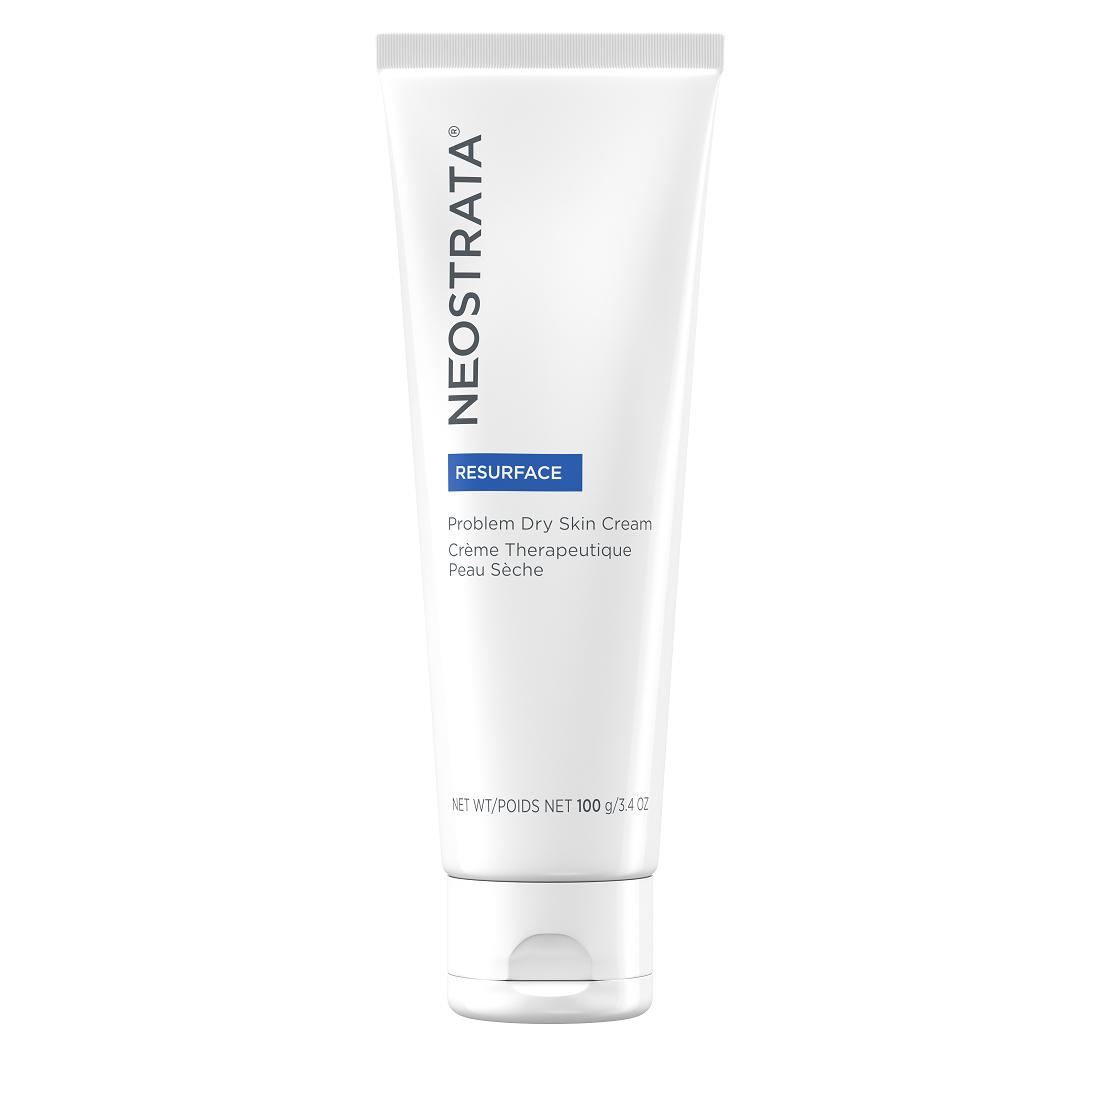 F30154_NeoStrata_Problem Dry Skin Cream_3_4 oz 100 g_000